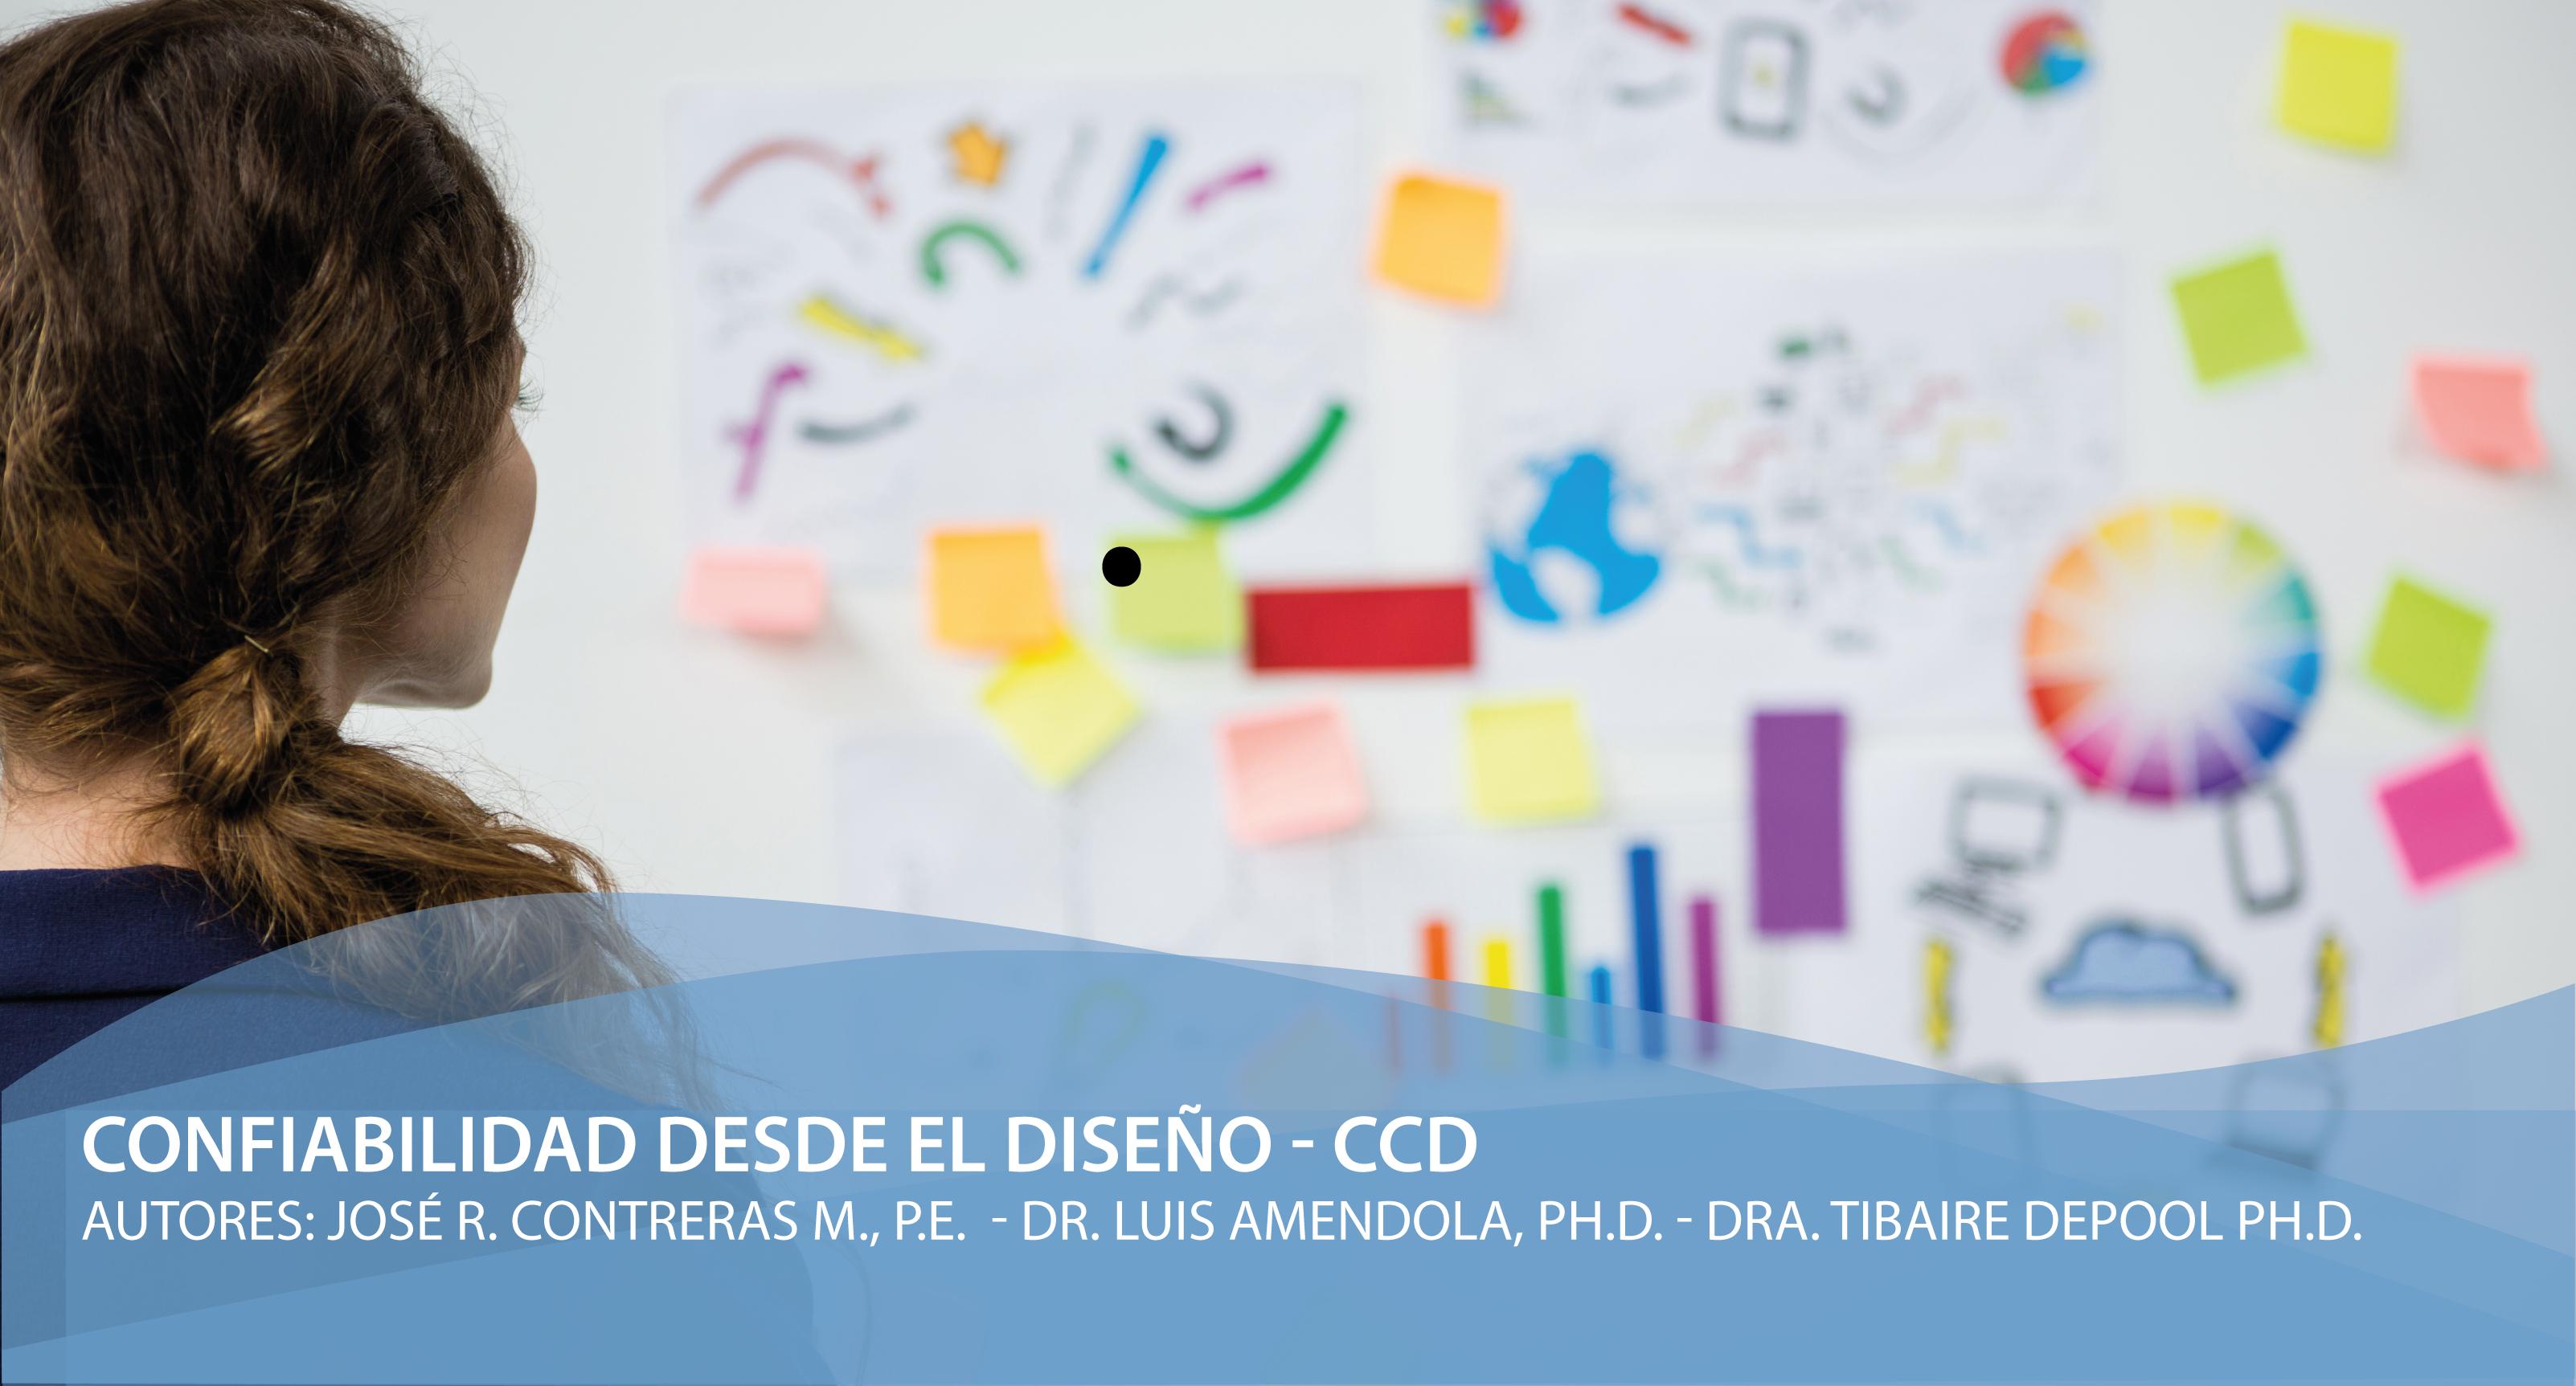 Confiabilidad desde el diseño – CCD